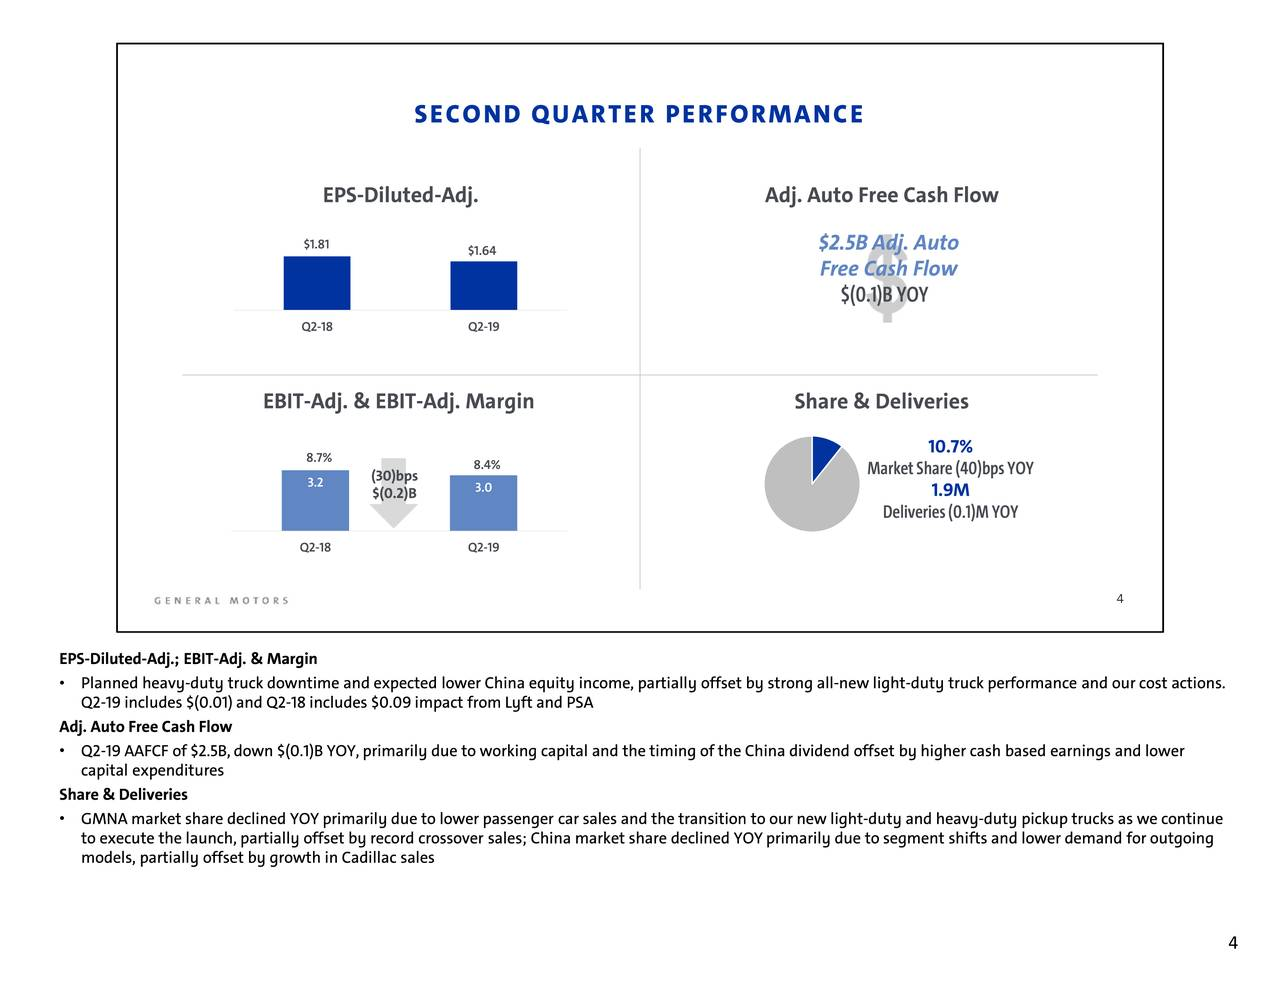 General Motors Stock Price...